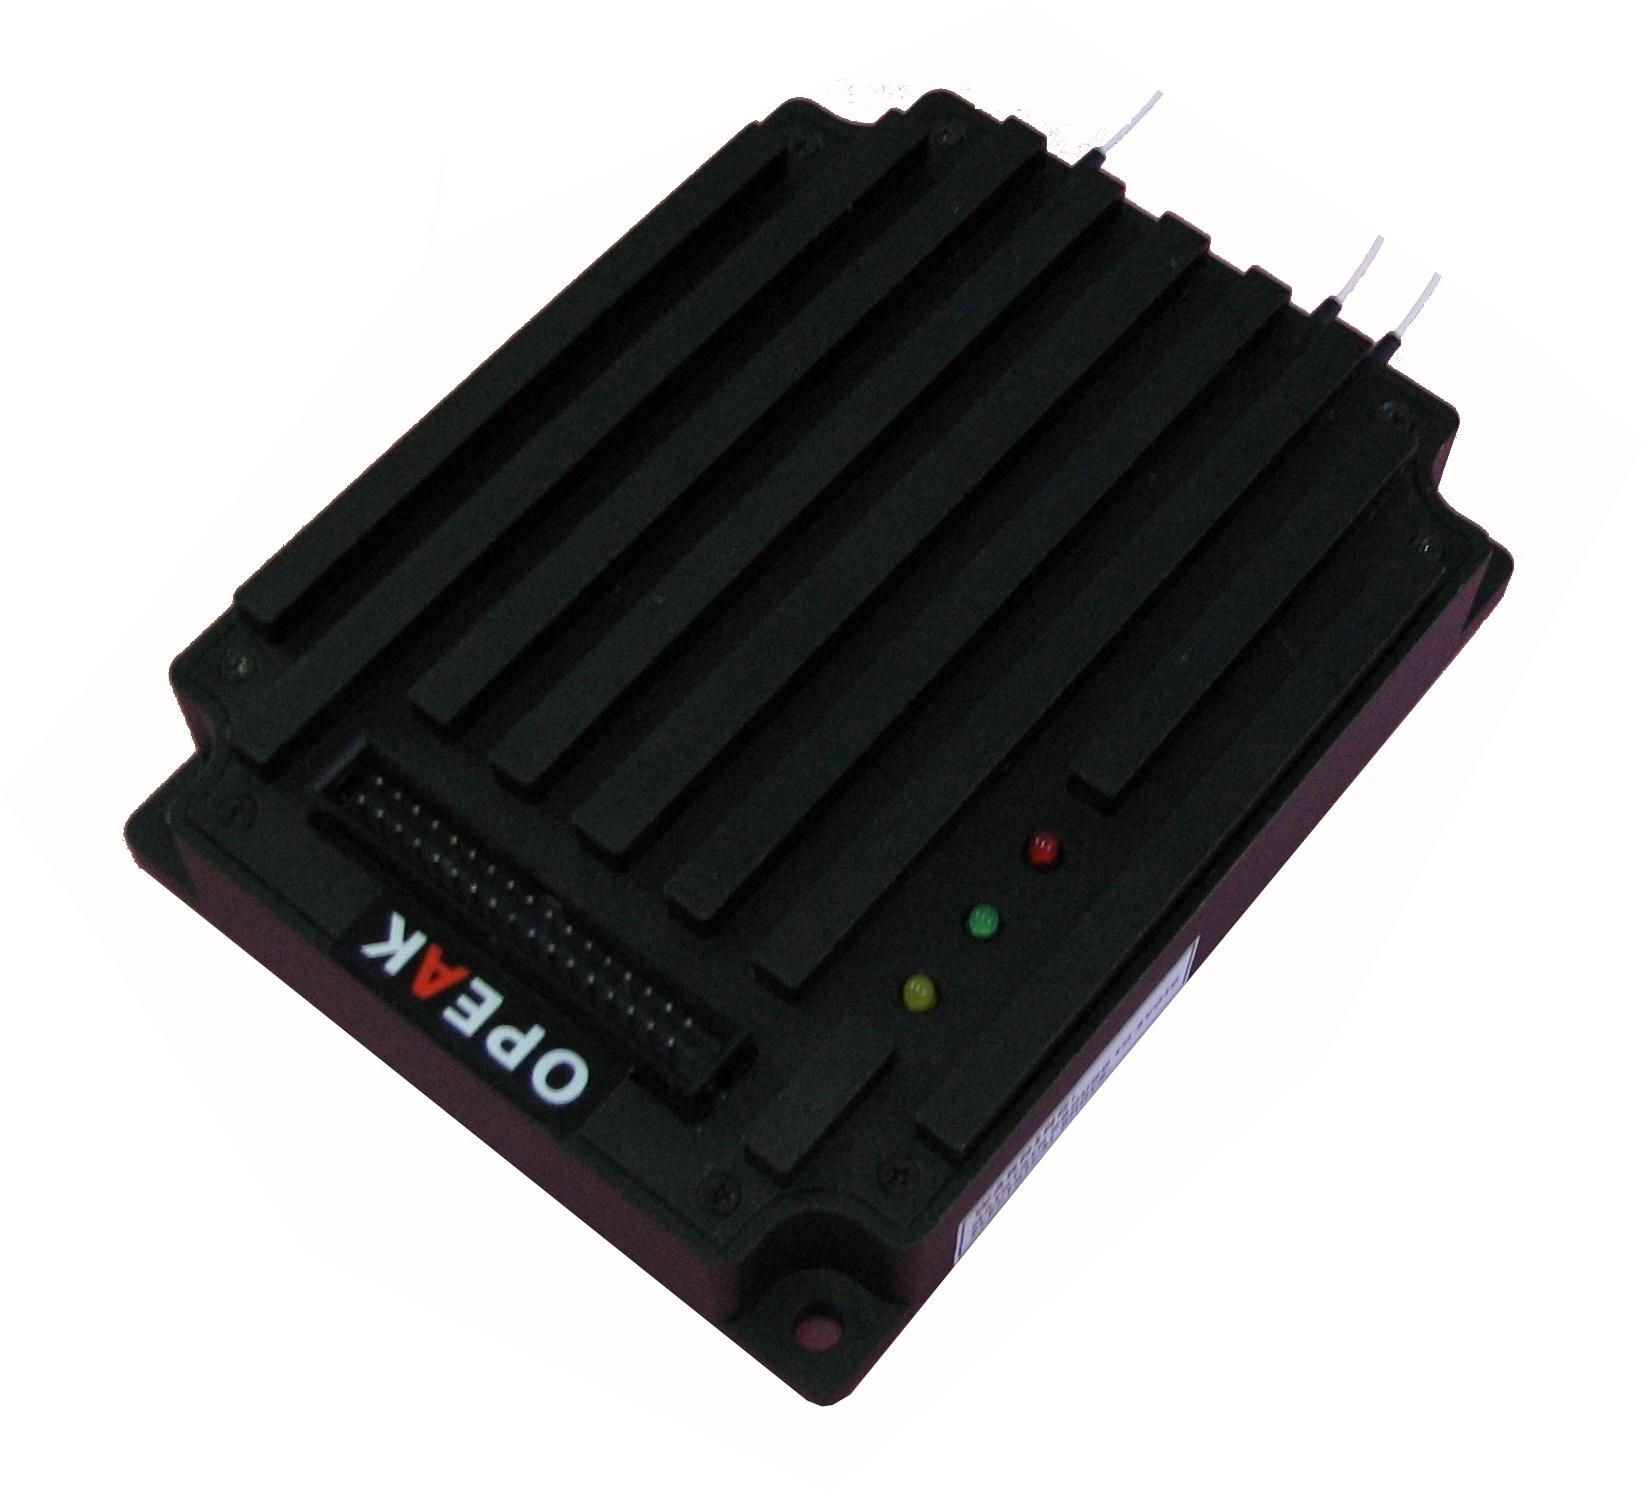 增益平坦掺铒光纤放大器(EDFA)光电模块